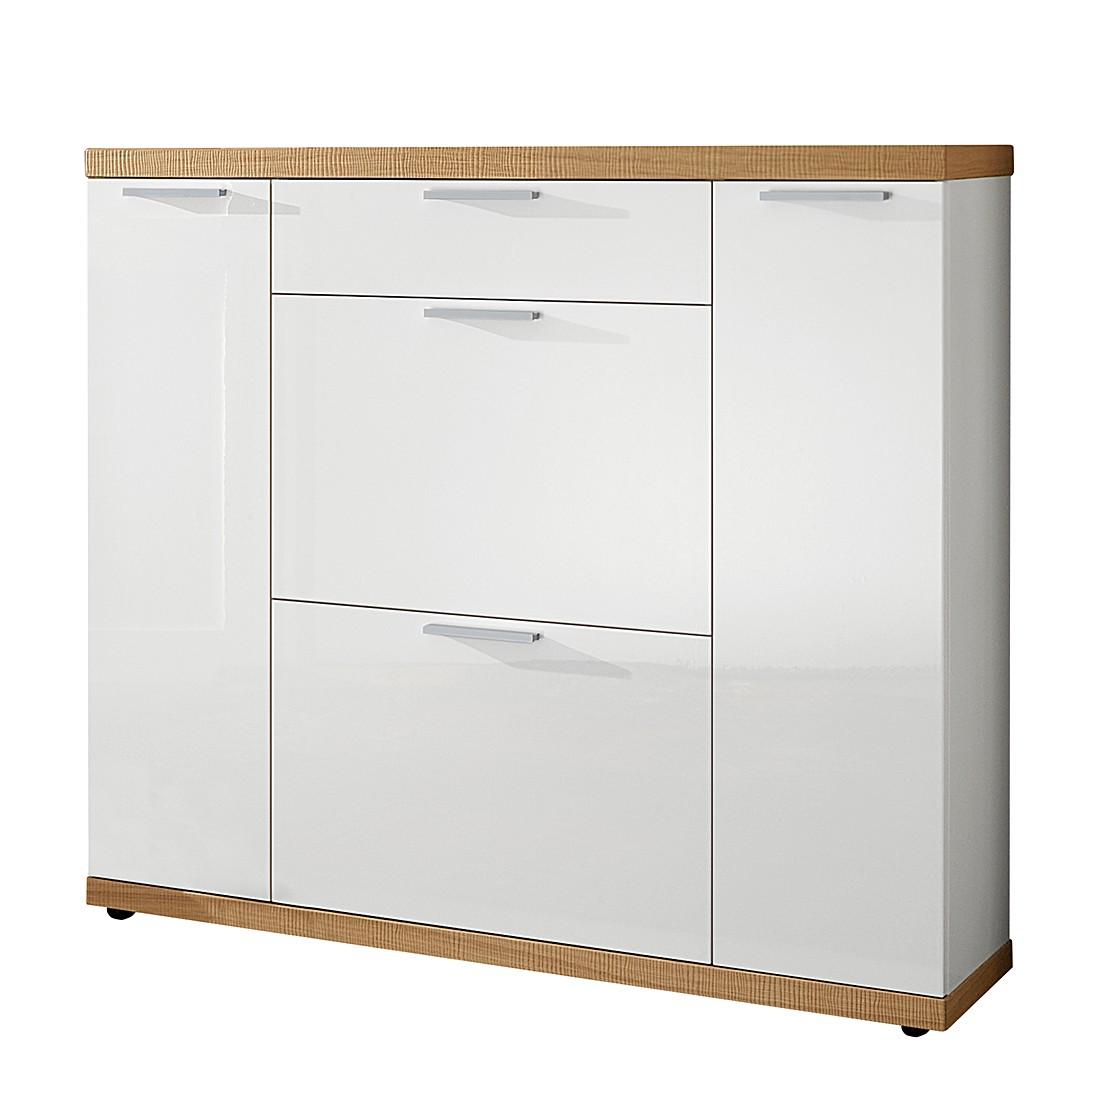 schuhschrank weiss preis vergleich 2016. Black Bedroom Furniture Sets. Home Design Ideas